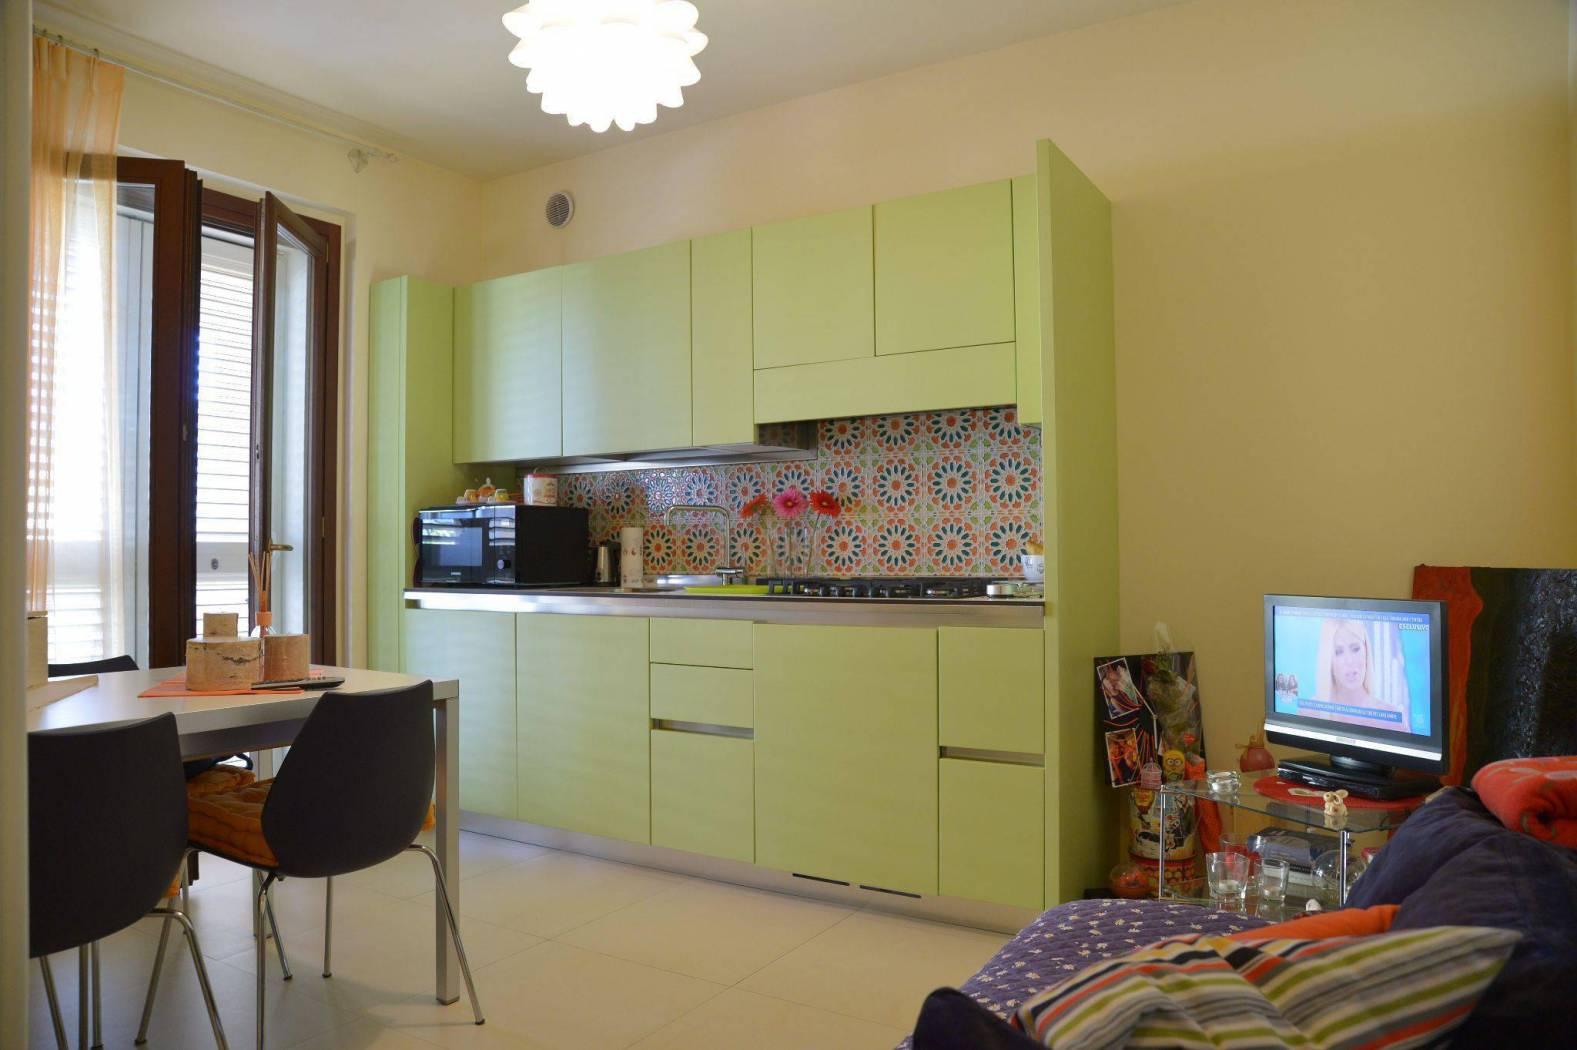 Appartamento in vendita a San Benedetto del Tronto, 2 locali, zona Località: Centro/mare, prezzo € 180.000   PortaleAgenzieImmobiliari.it